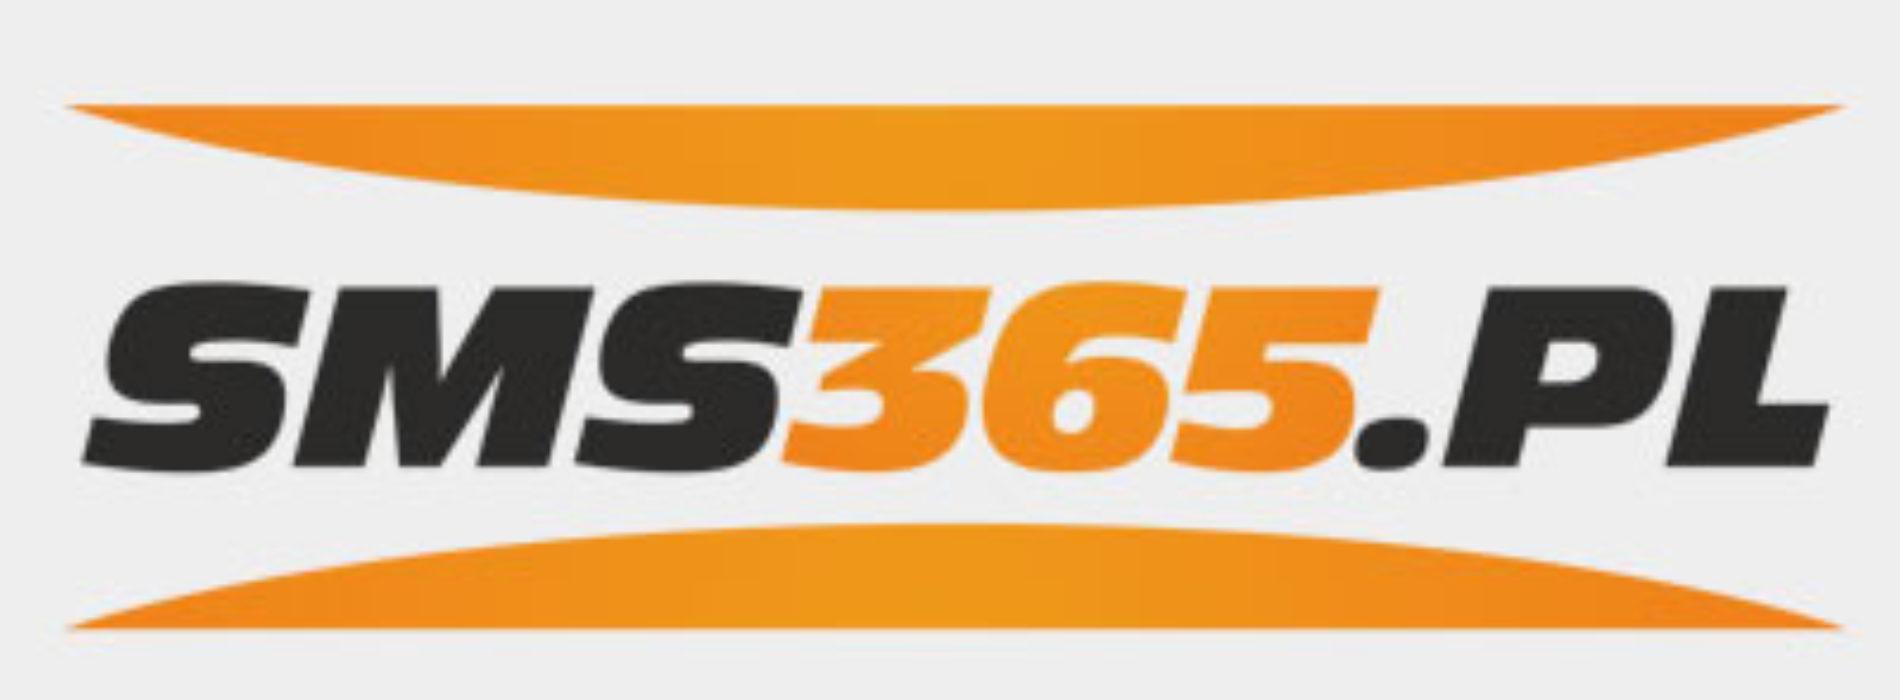 Sms365 – recenzja oferty, najważniejsze informacje